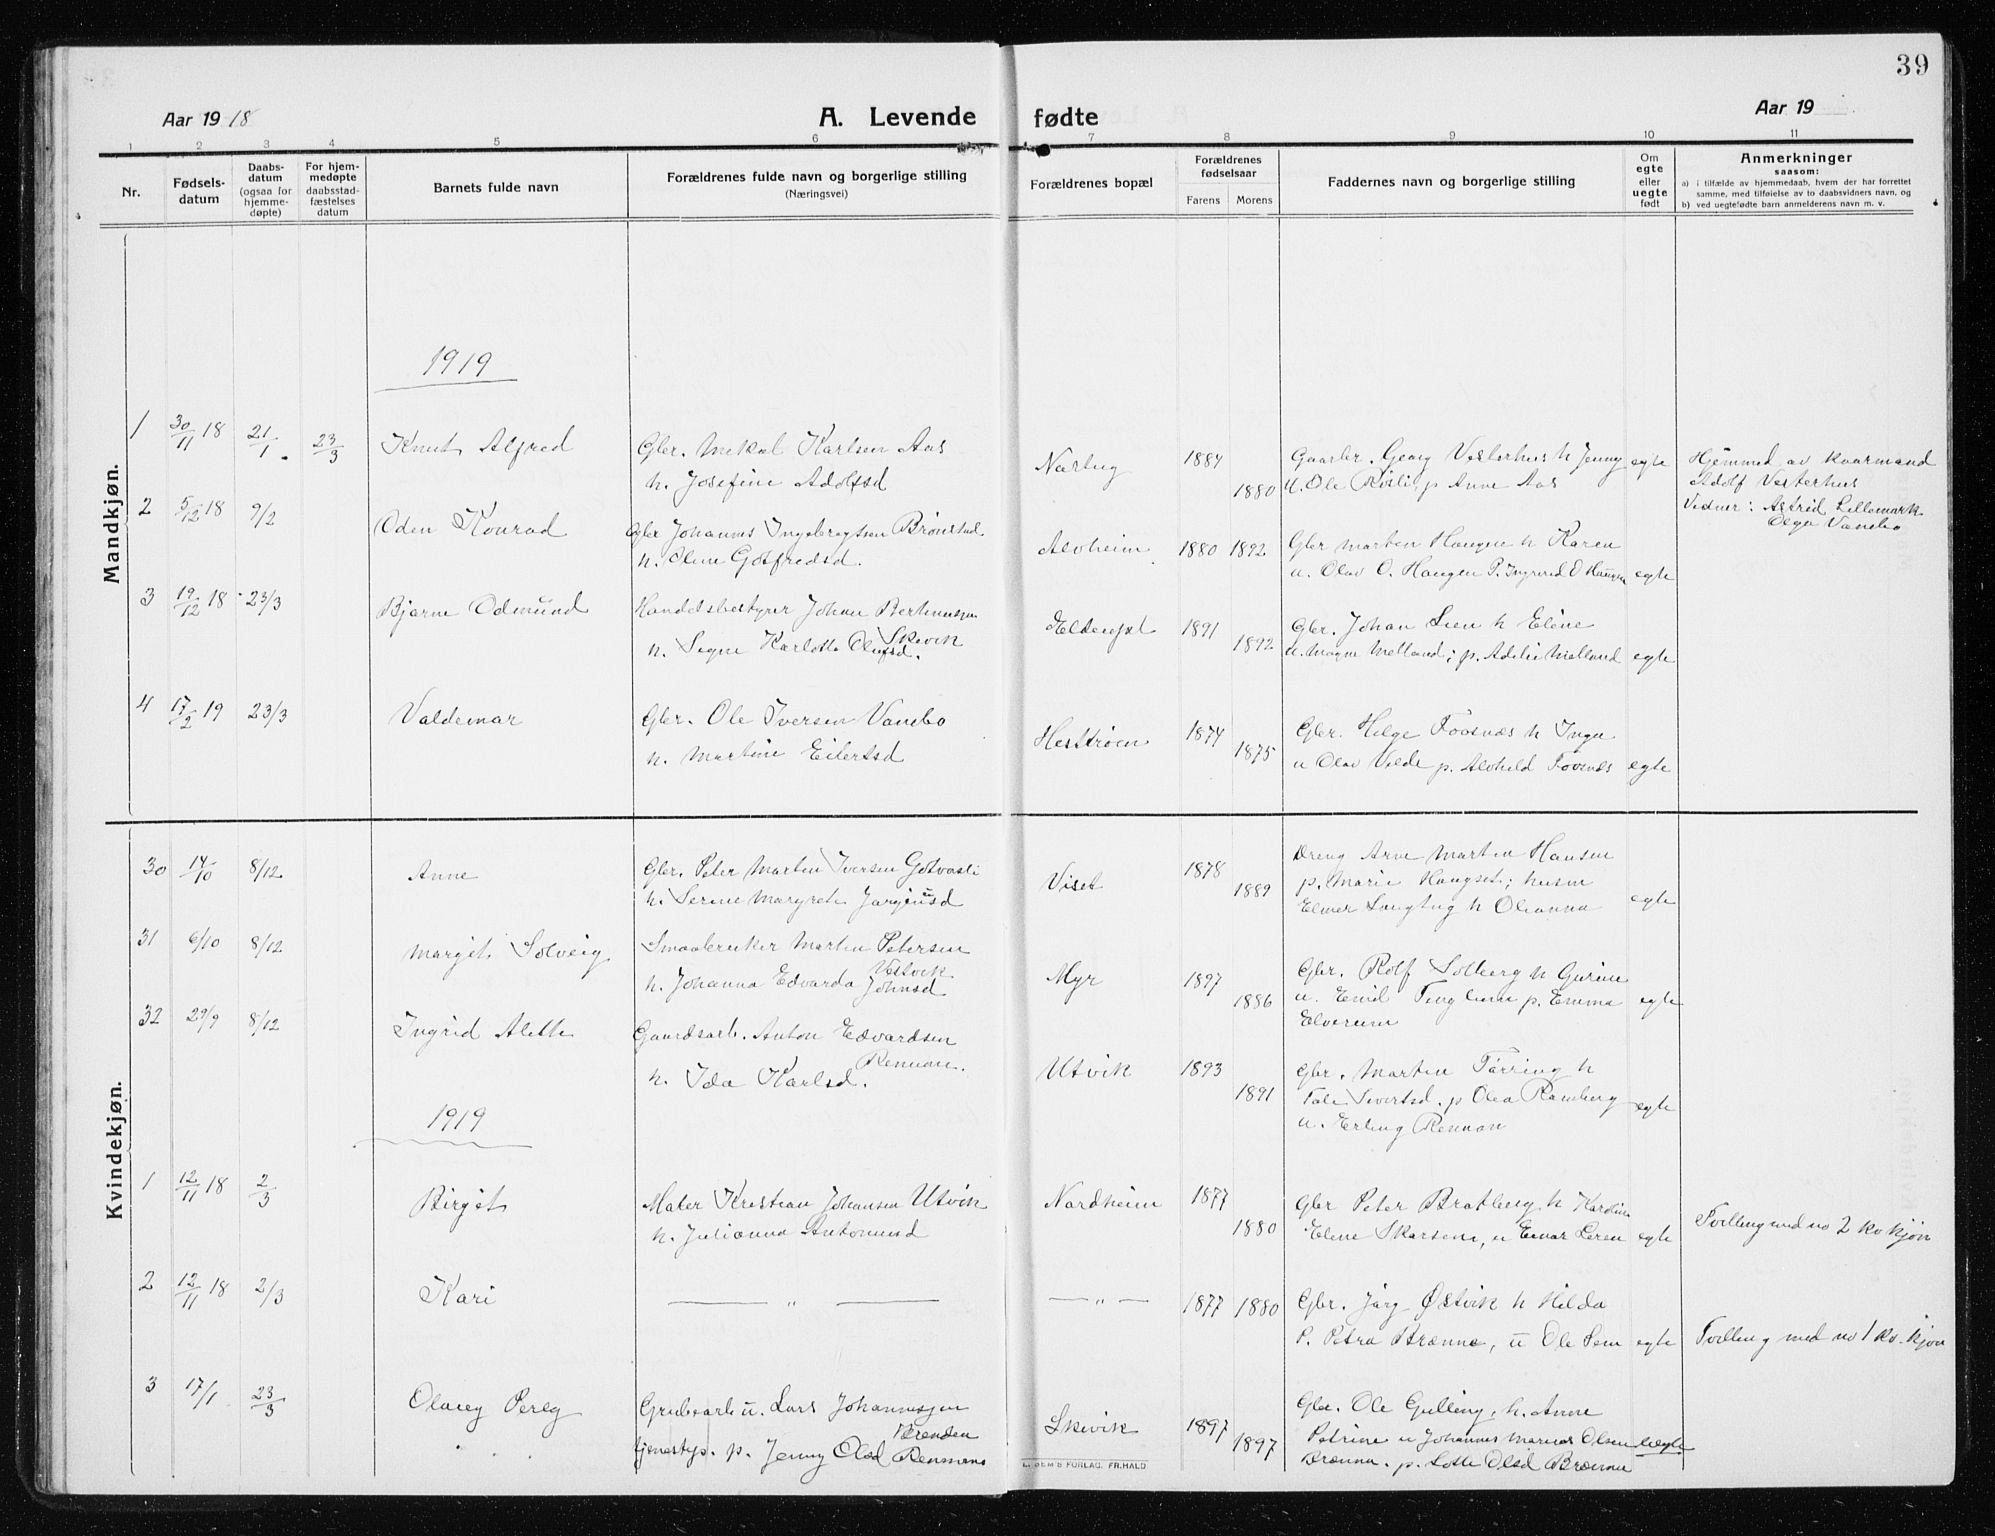 SAT, Ministerialprotokoller, klokkerbøker og fødselsregistre - Nord-Trøndelag, 741/L0402: Klokkerbok nr. 741C03, 1911-1926, s. 39